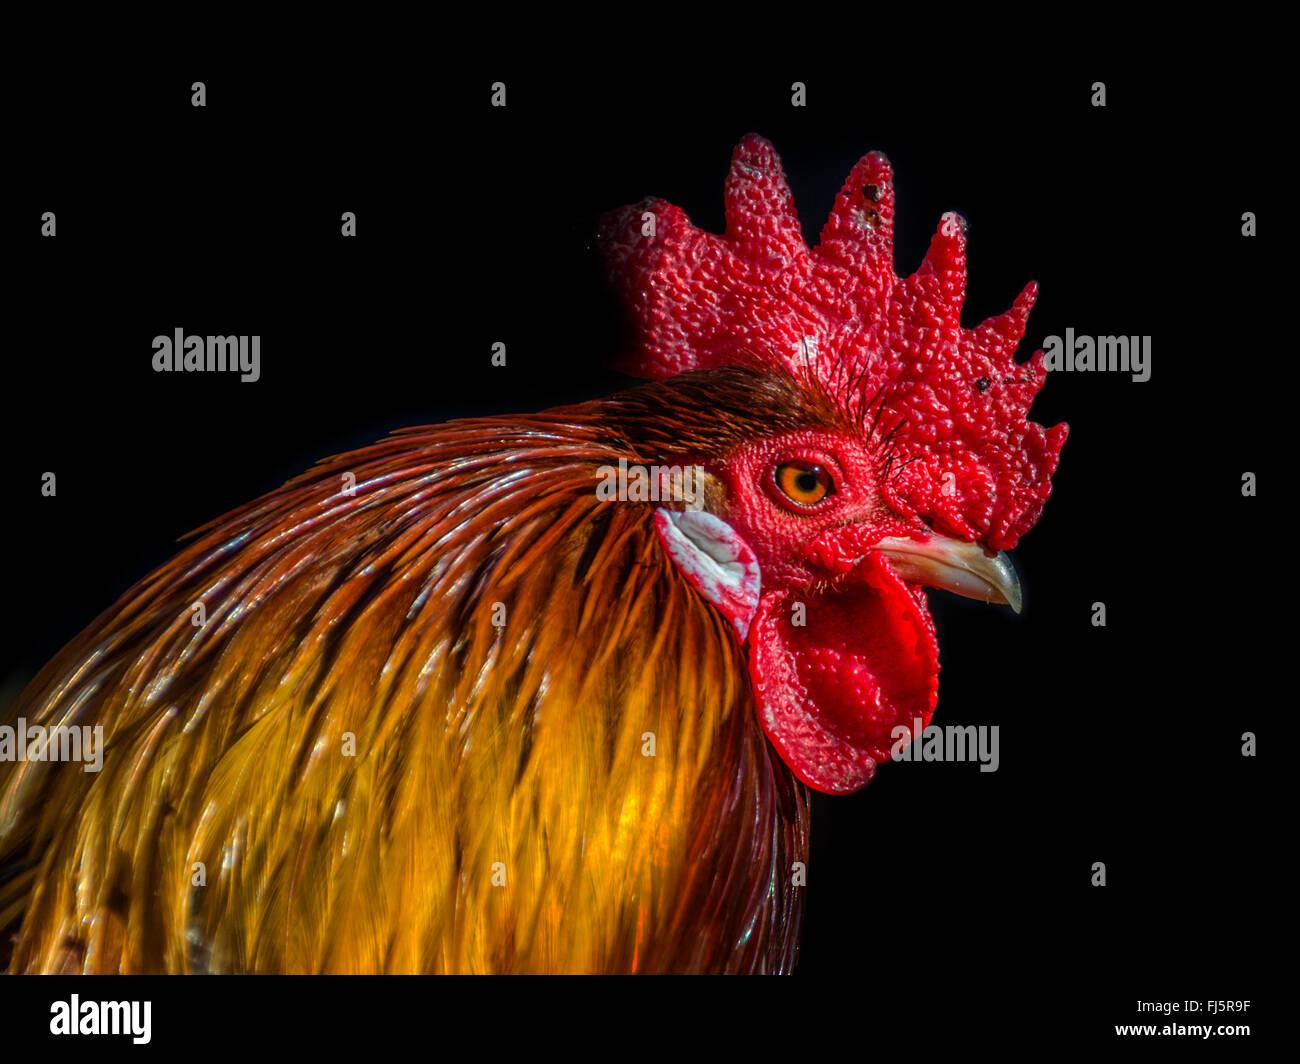 Cerca de la cabeza de gallo con fondo negro Imagen De Stock